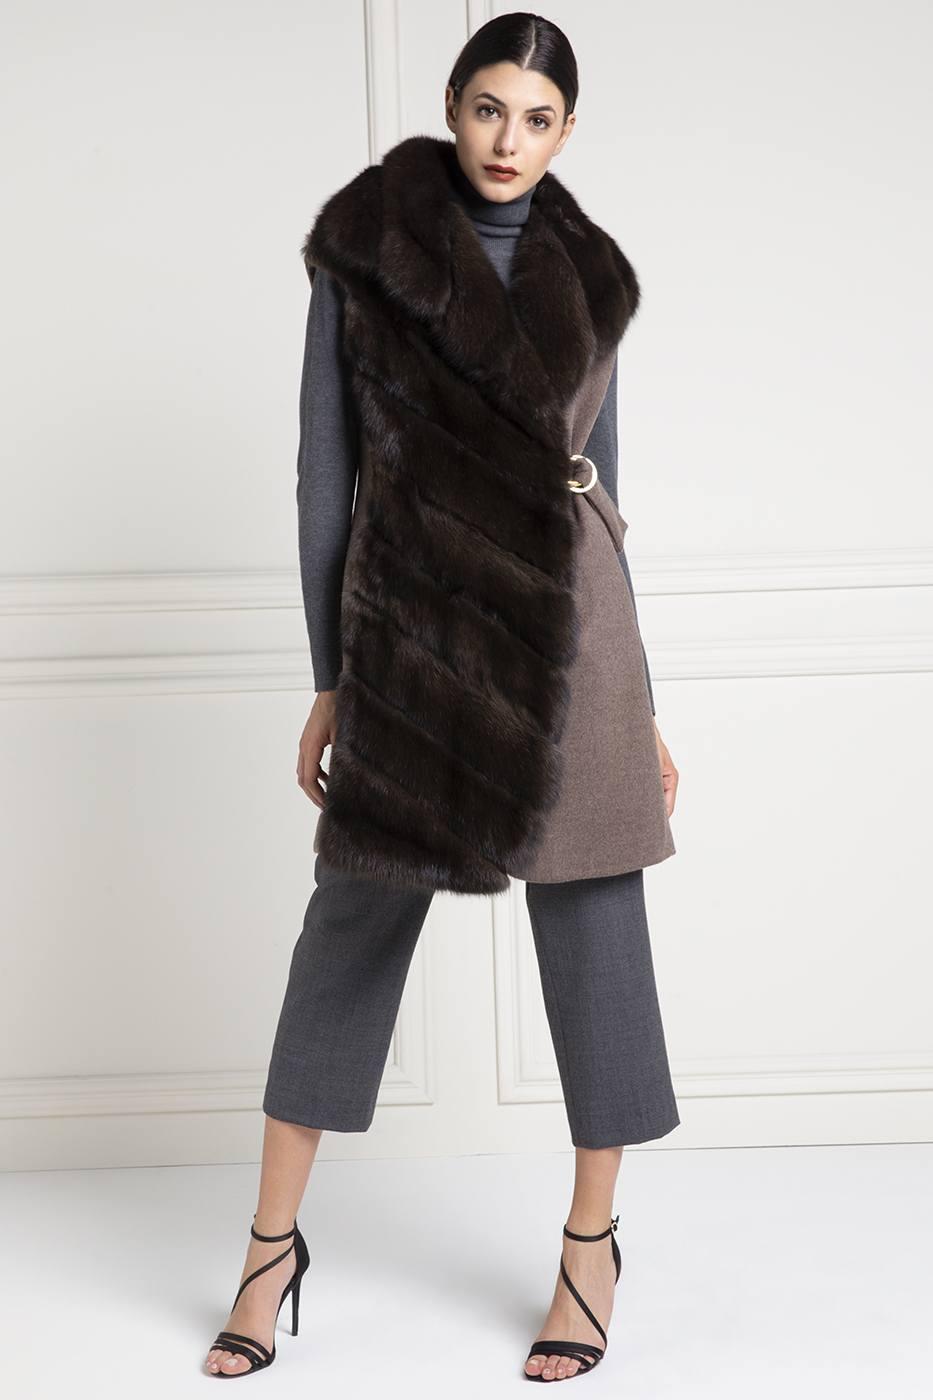 size 40 bc2b6 7f82f Quando indossare il gilet di pelliccia - Elpidio Loffredo Furs